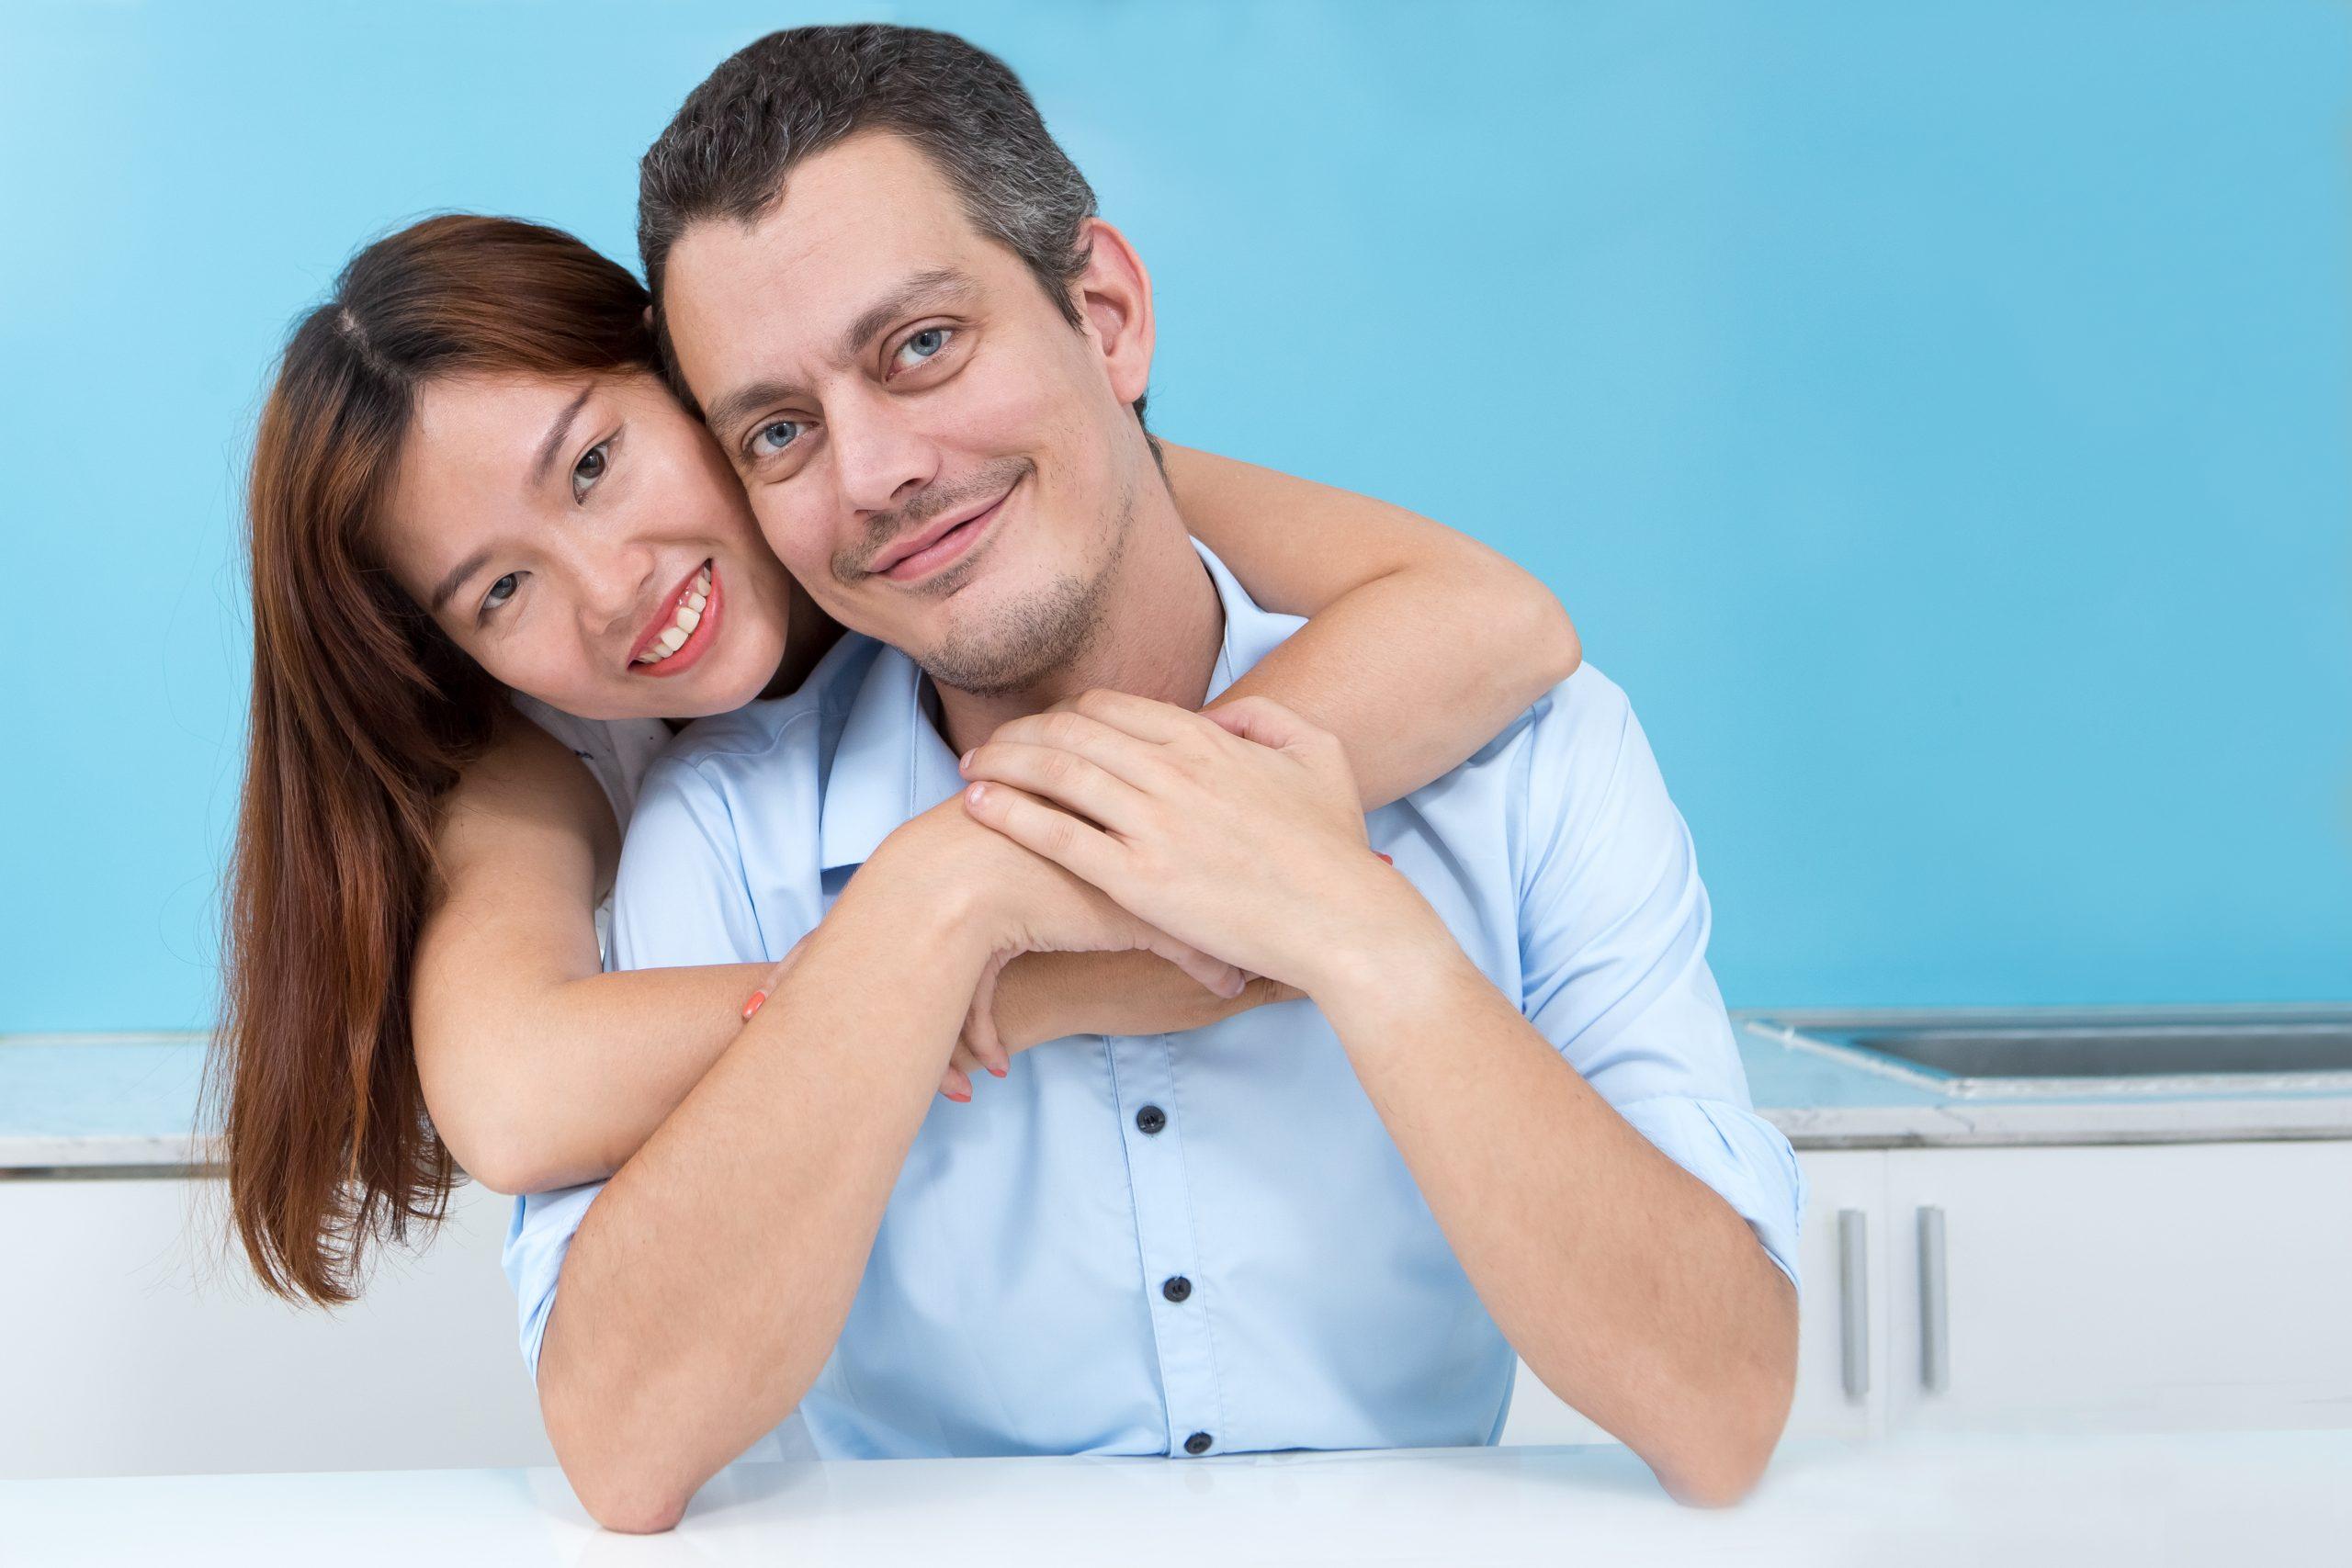 Smiling japanese women like american man